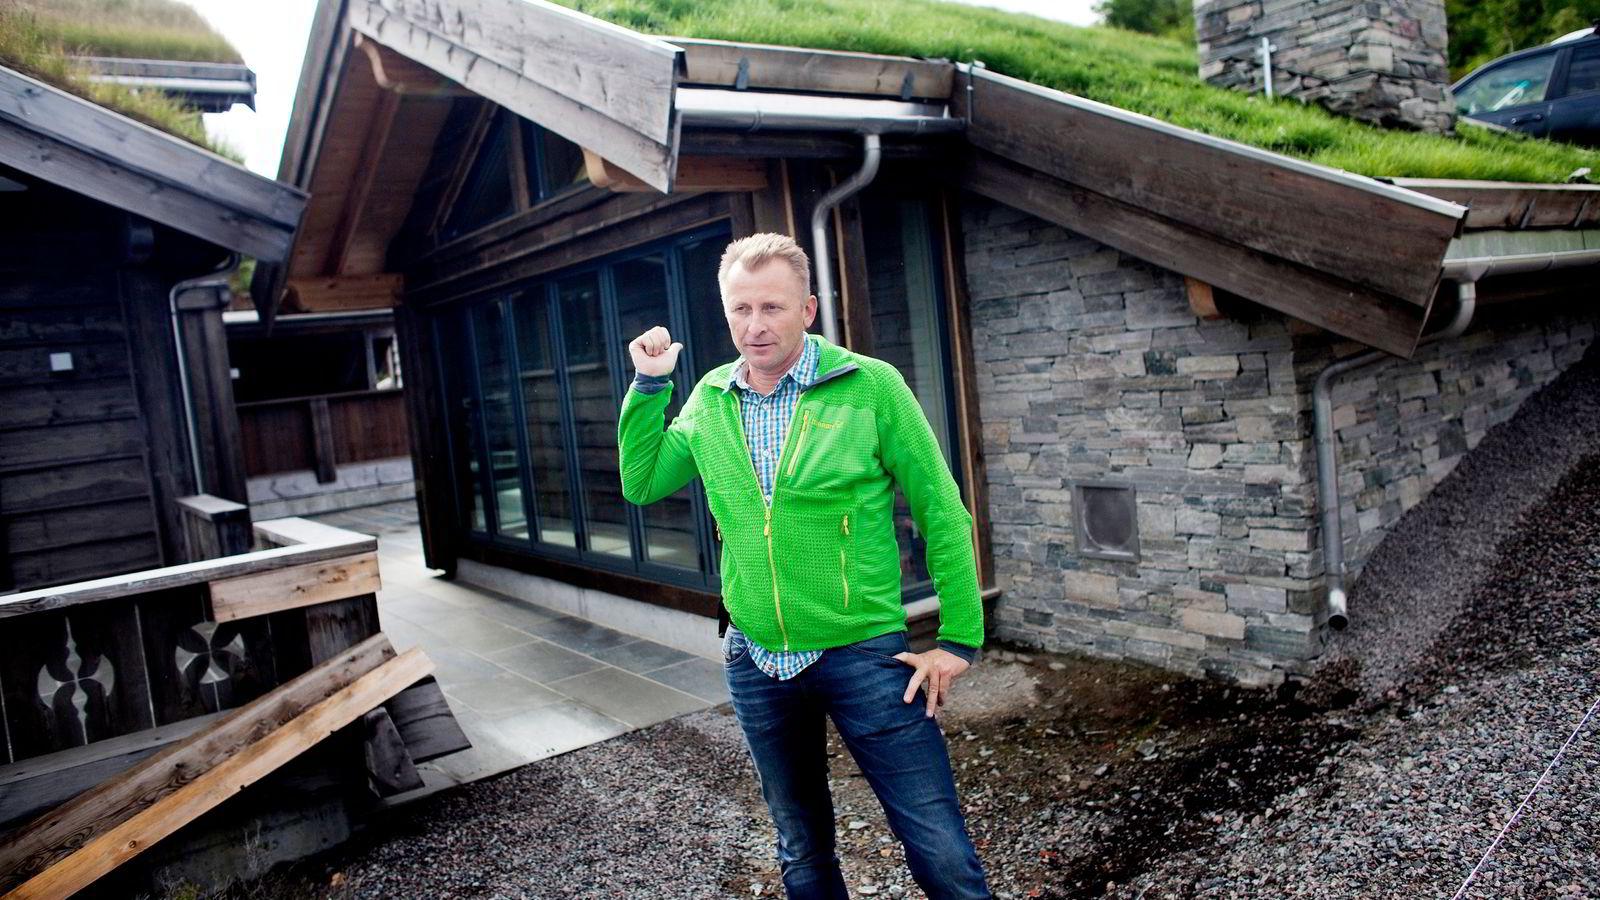 Tor Sigve Vik i Sinneshyttå står utenfor en «grillhytte» til 2,5 millioner kroner.